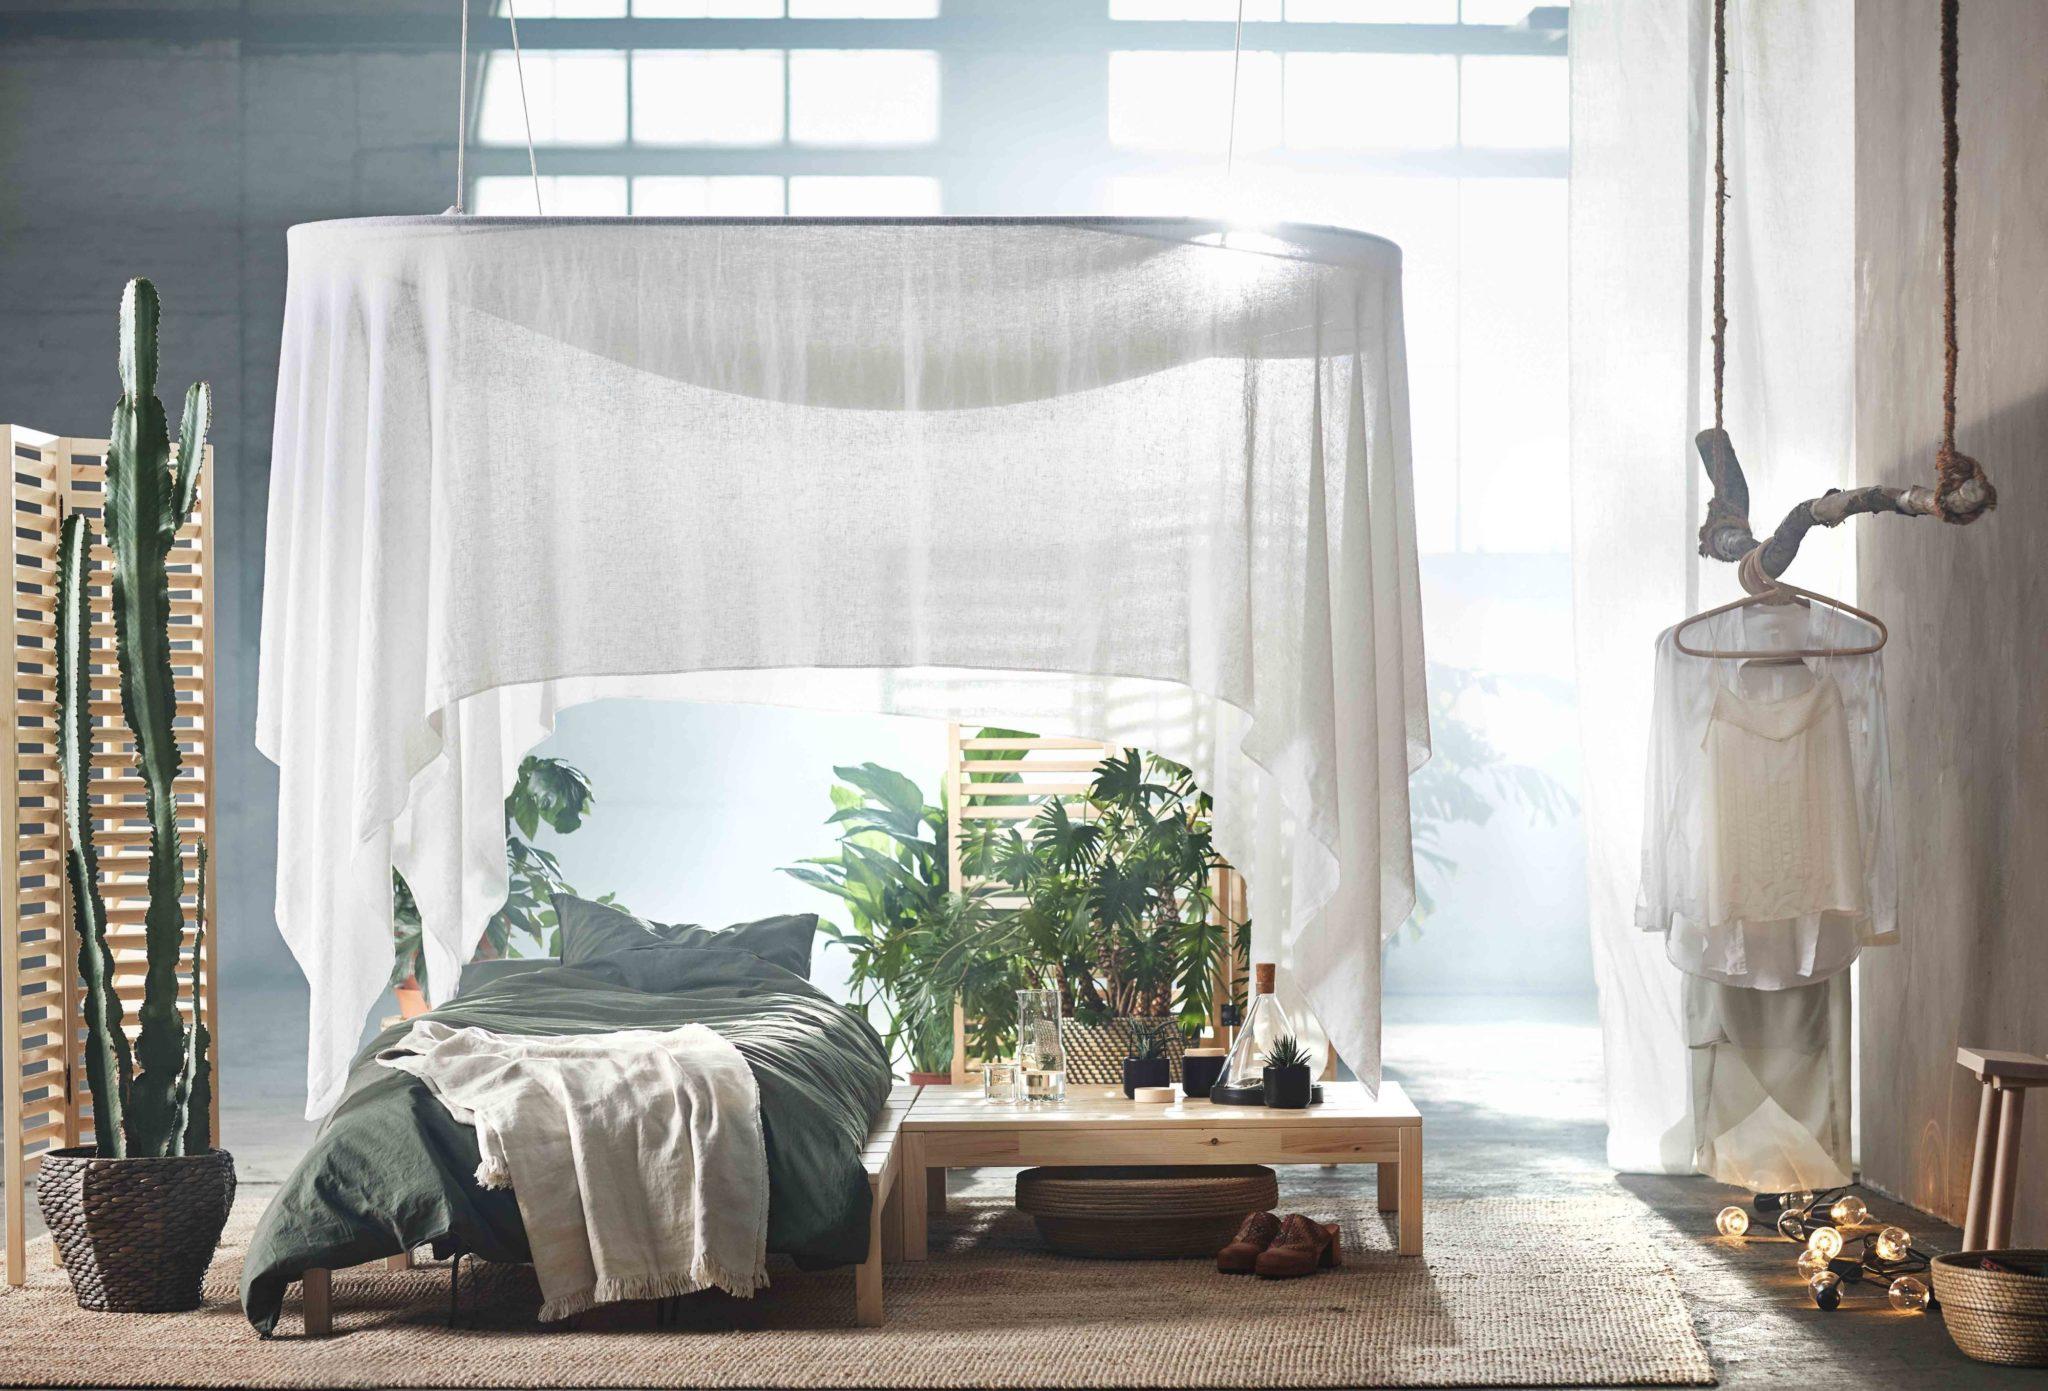 Jasne, oświetlone światłem naturalnym pomieszczenie z łóżkiem pojedynczym i drewnianym stolikiem z roślinami i szklanymi naczyniami pod białym baldachimem.